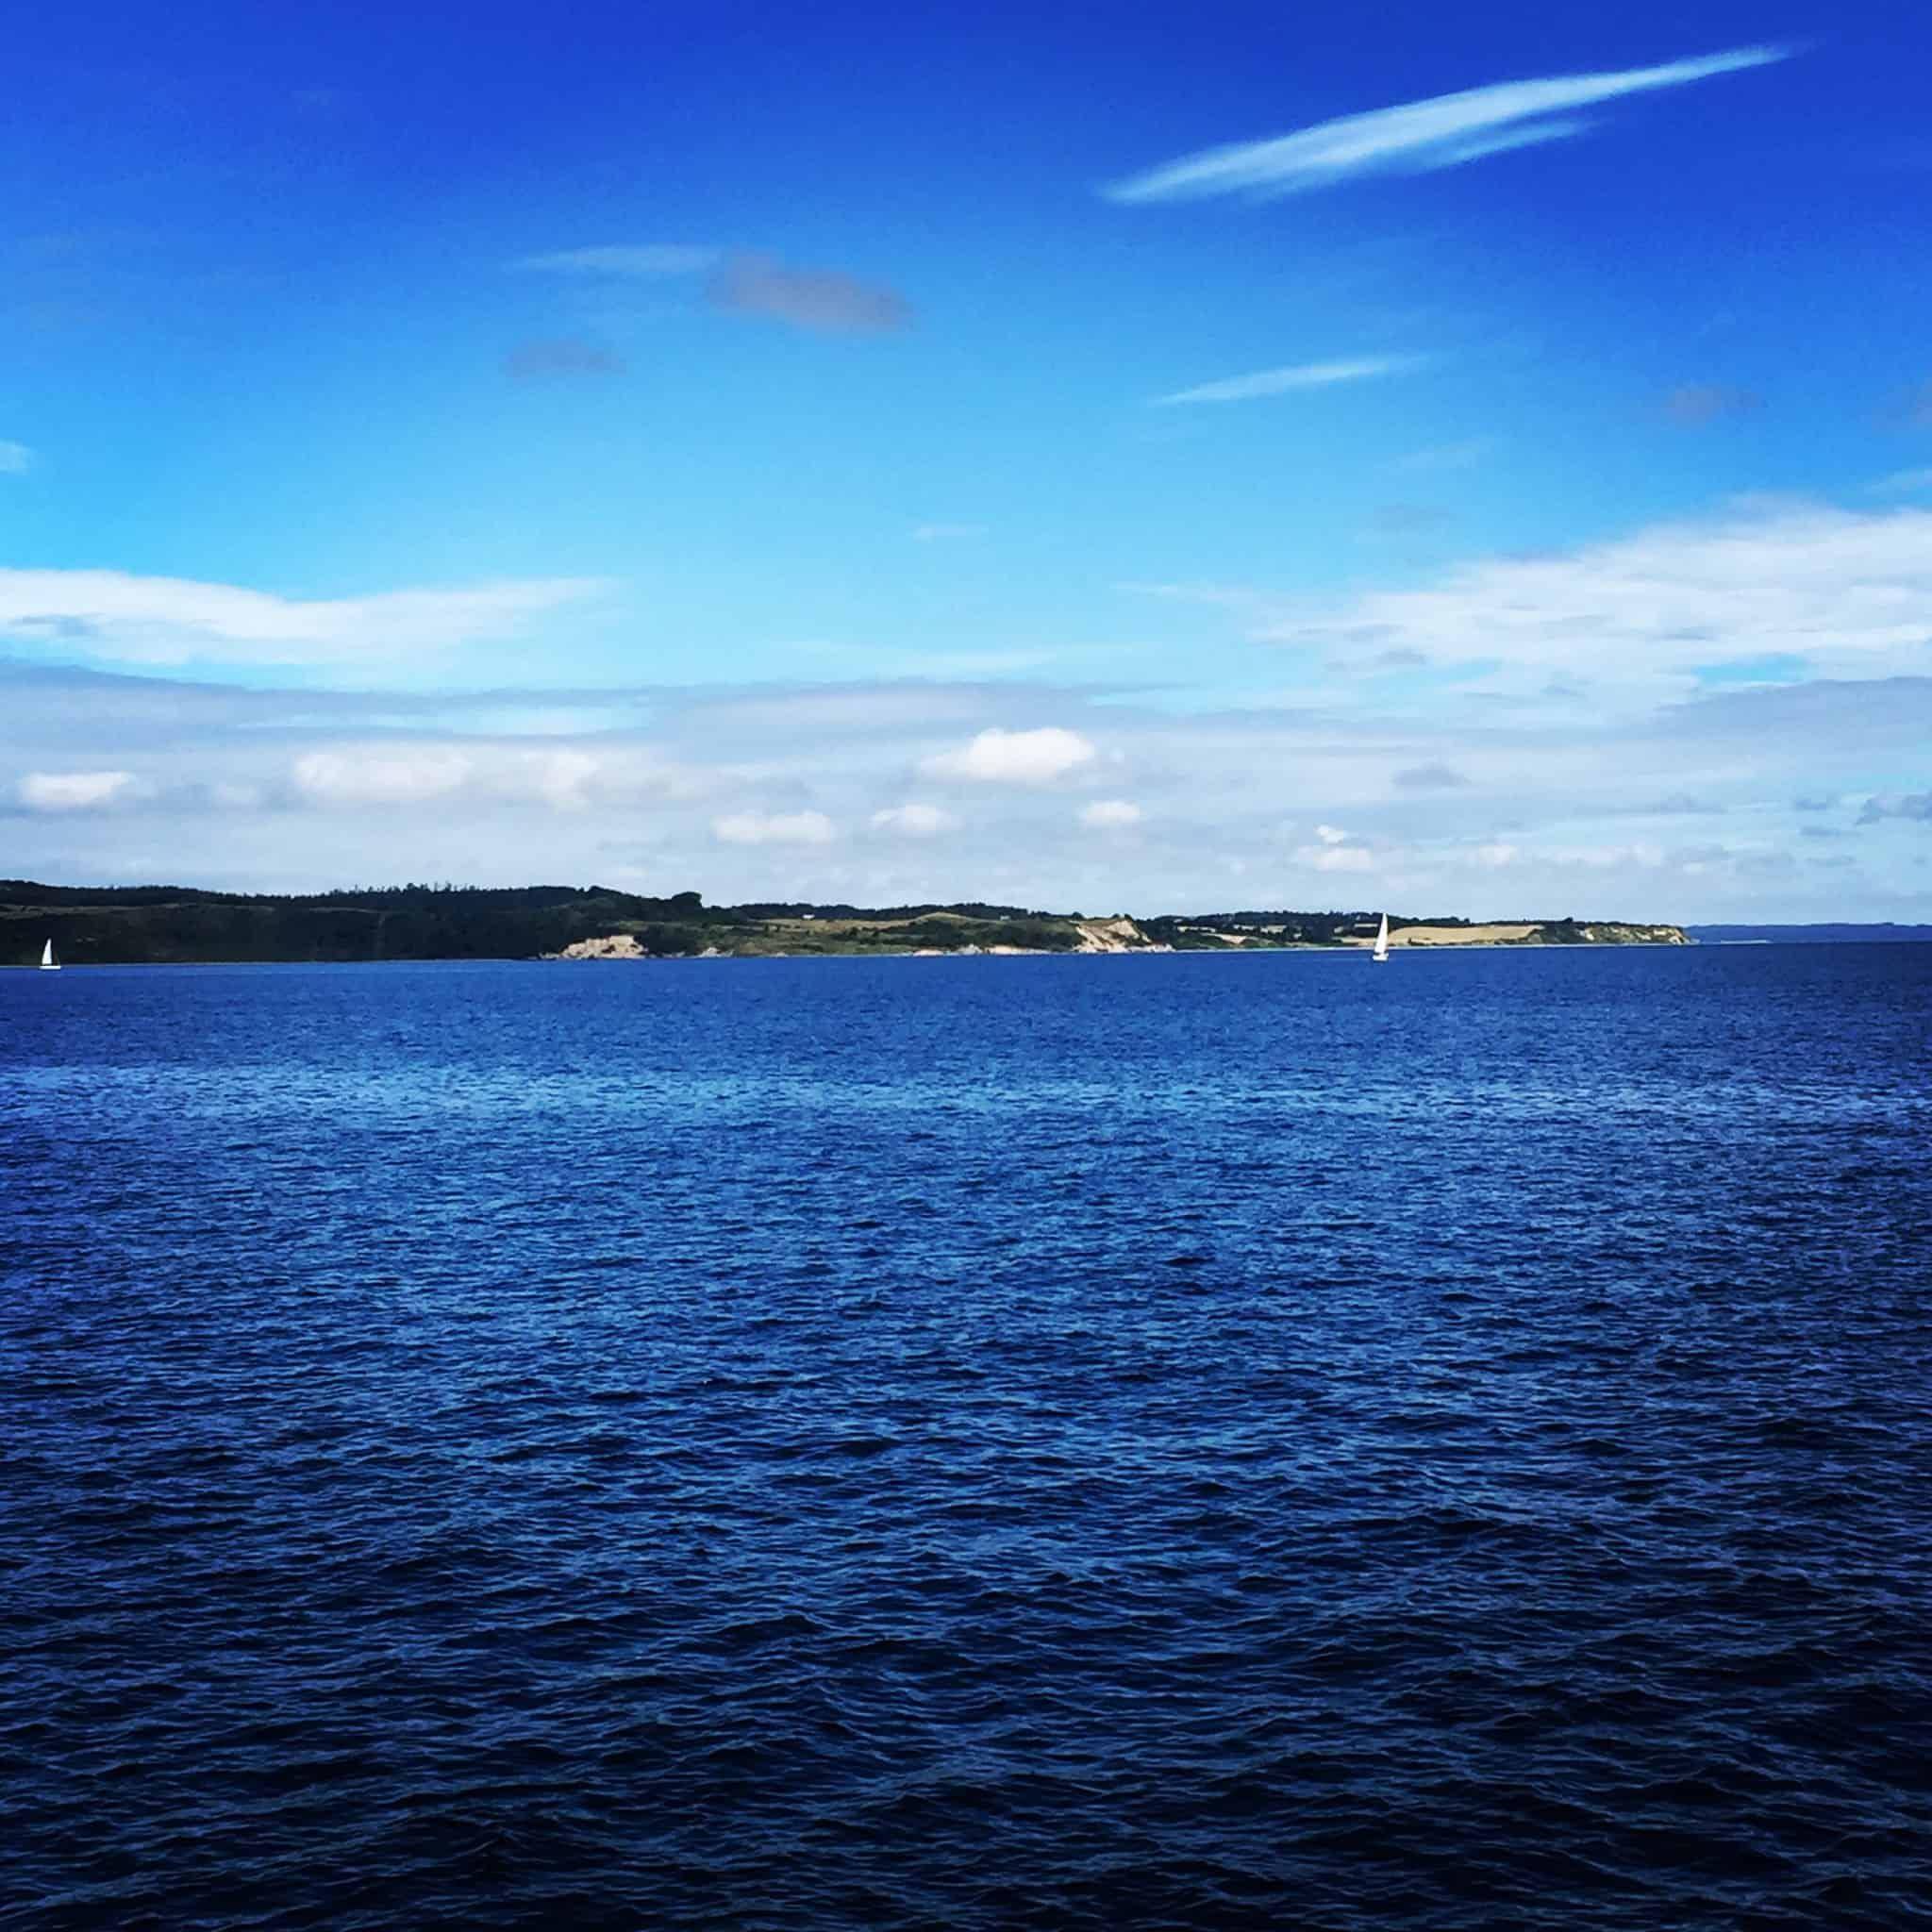 Kurs mod knapt så fjerne kyster - Skagen 2016!